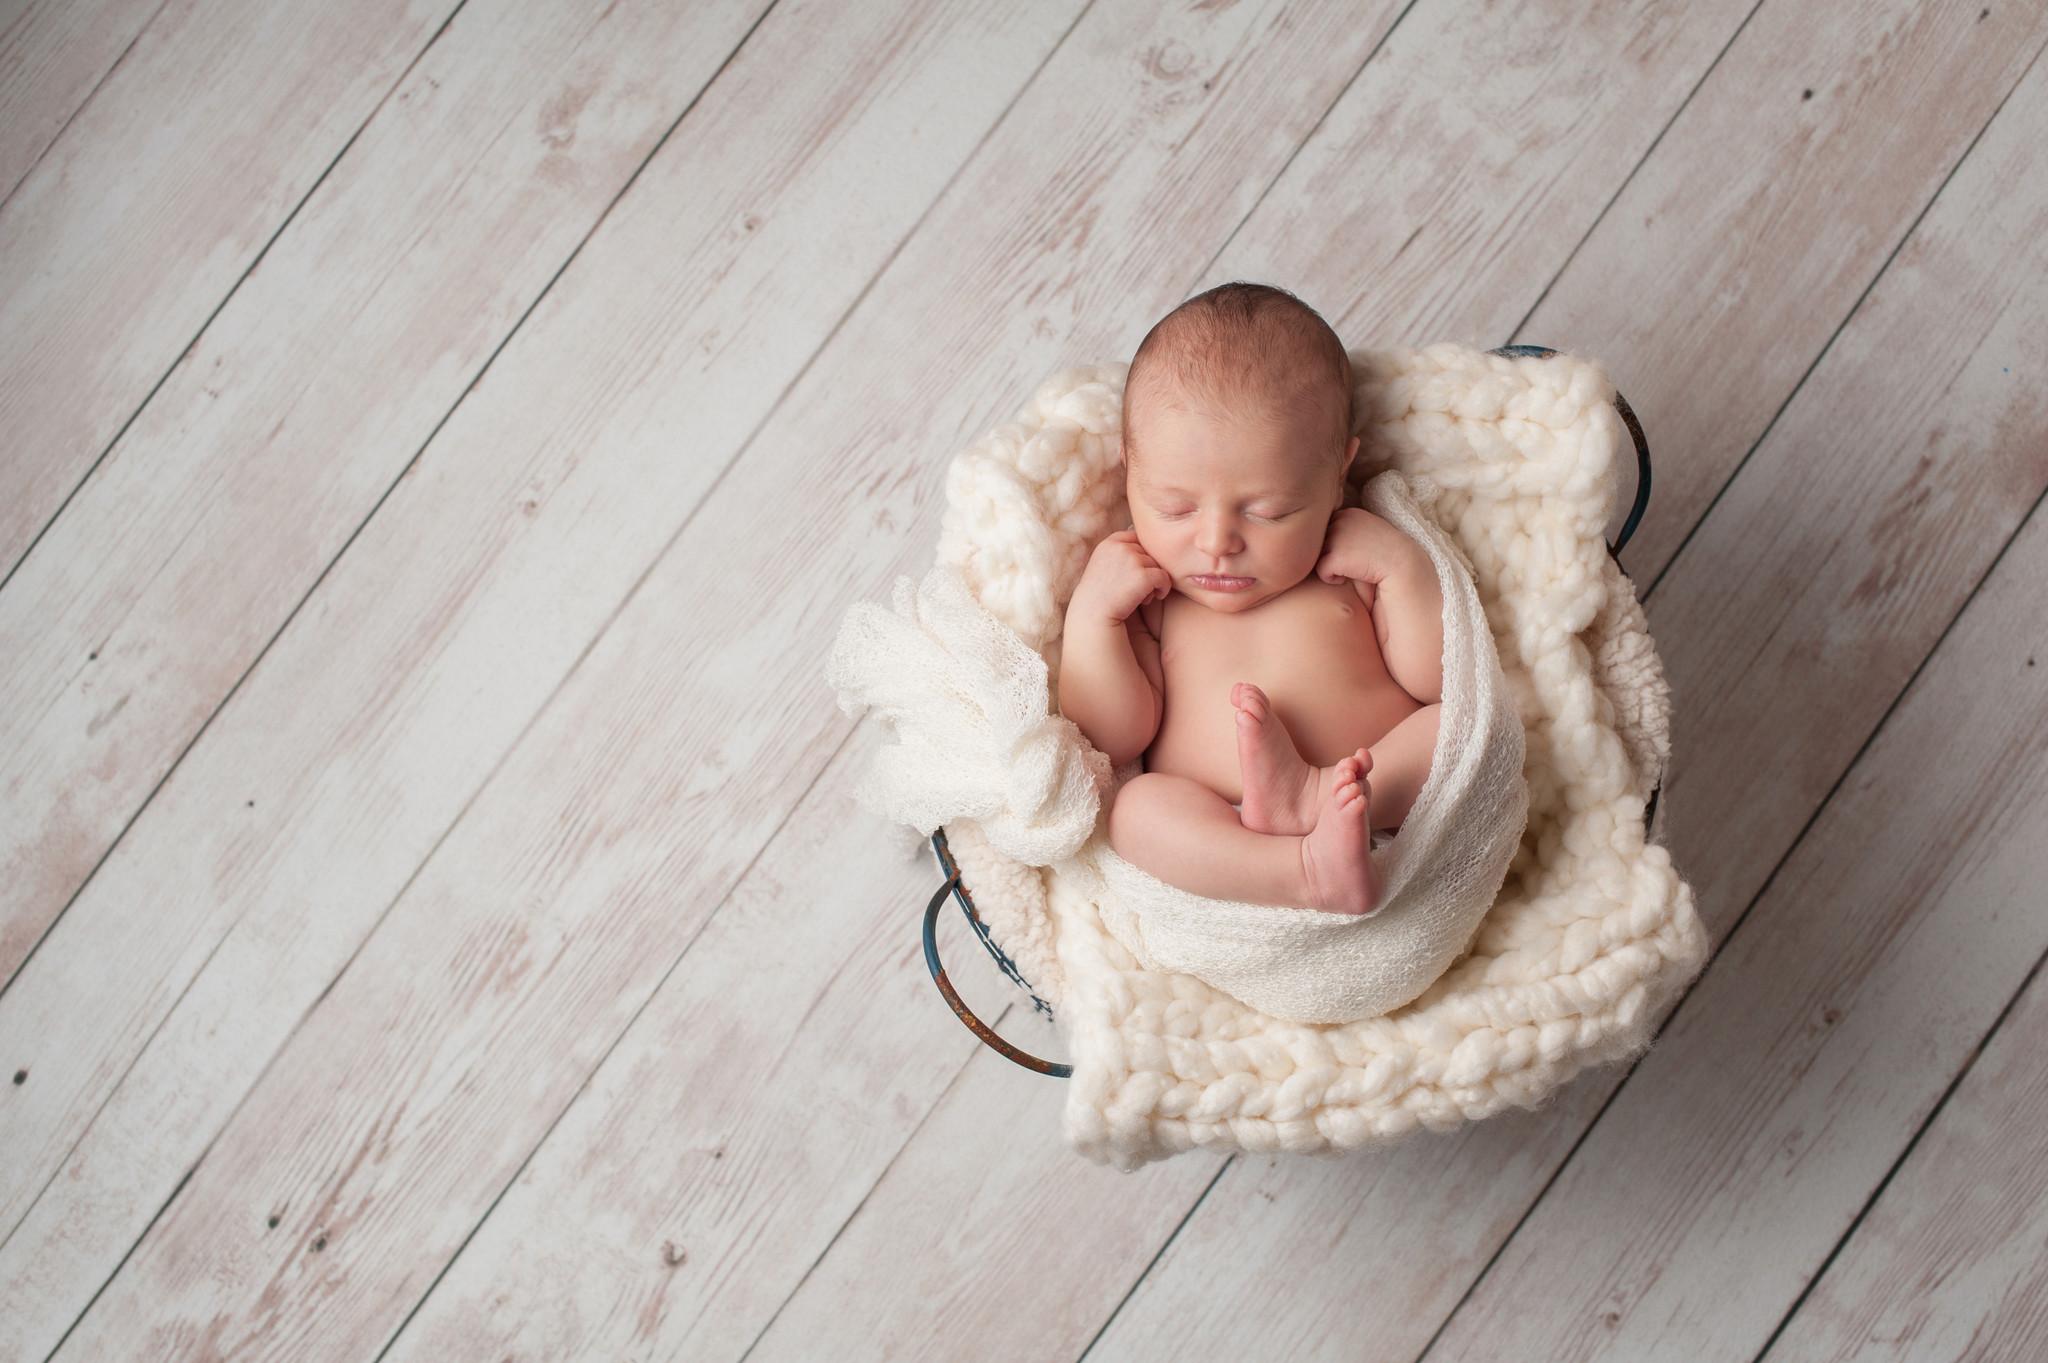 2-Week-Old Baby